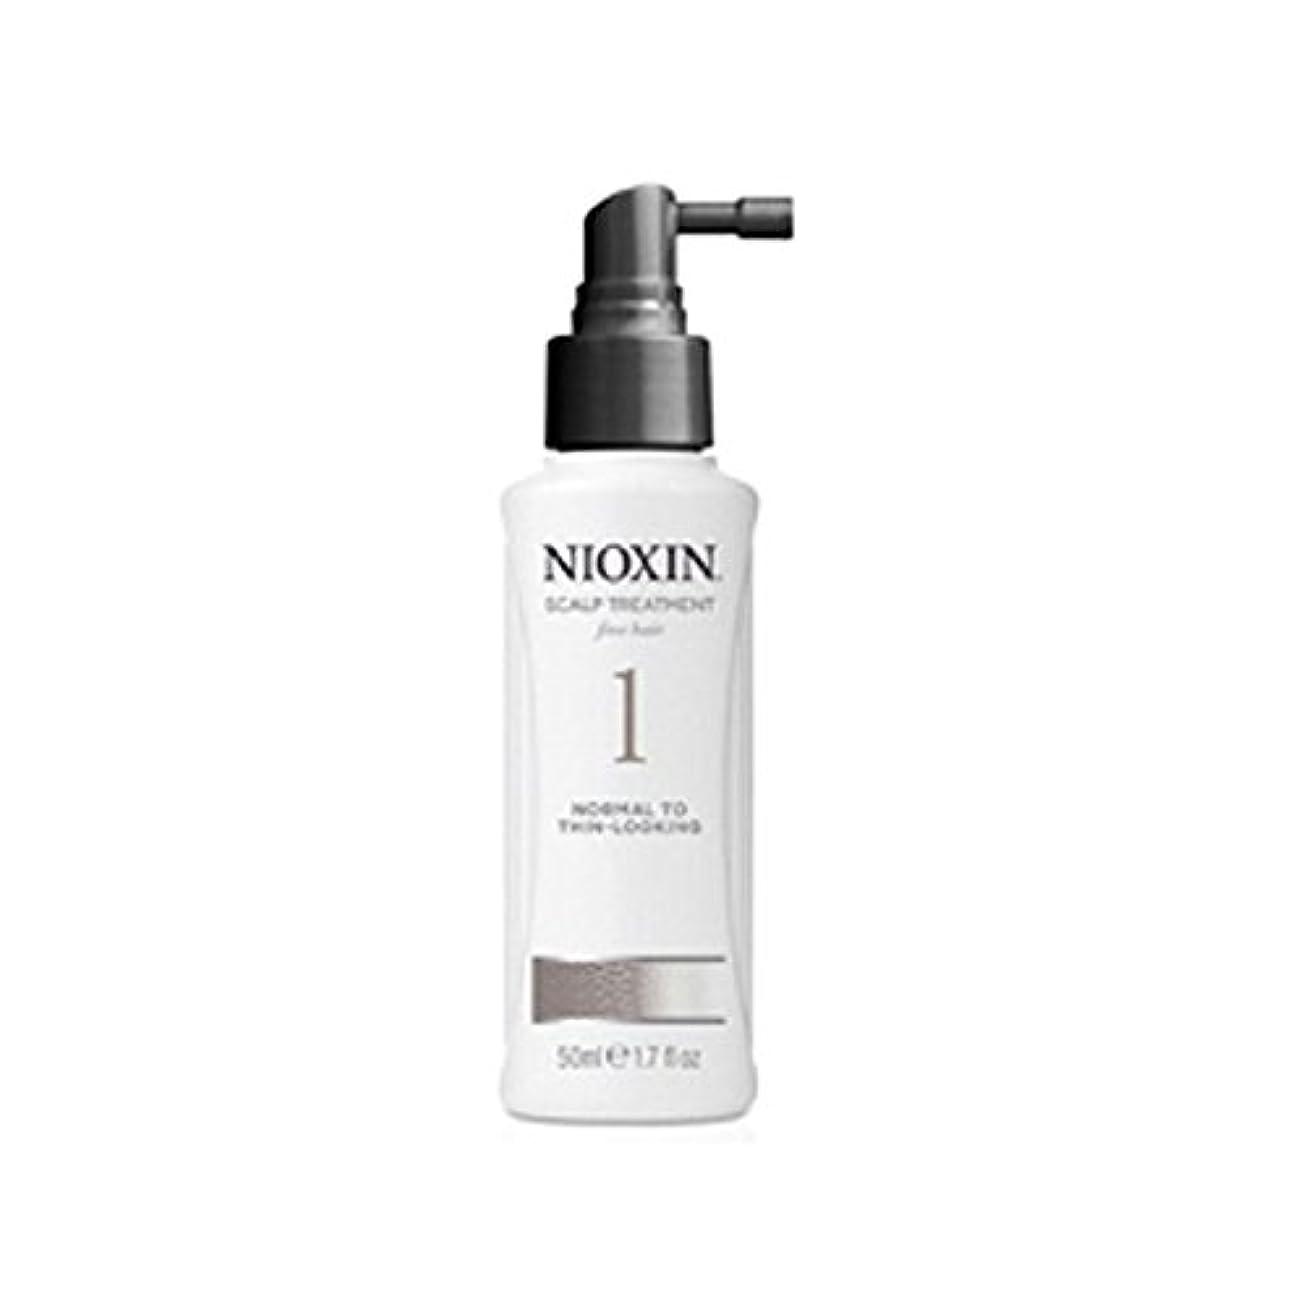 広大な付録オーバードローNioxin System 1 Scalp Treatment For Normal To Fine Natural Hair (100ml) - 細かい自然な髪への通常のためニオキシンシステム1スカルプトリートメント(...